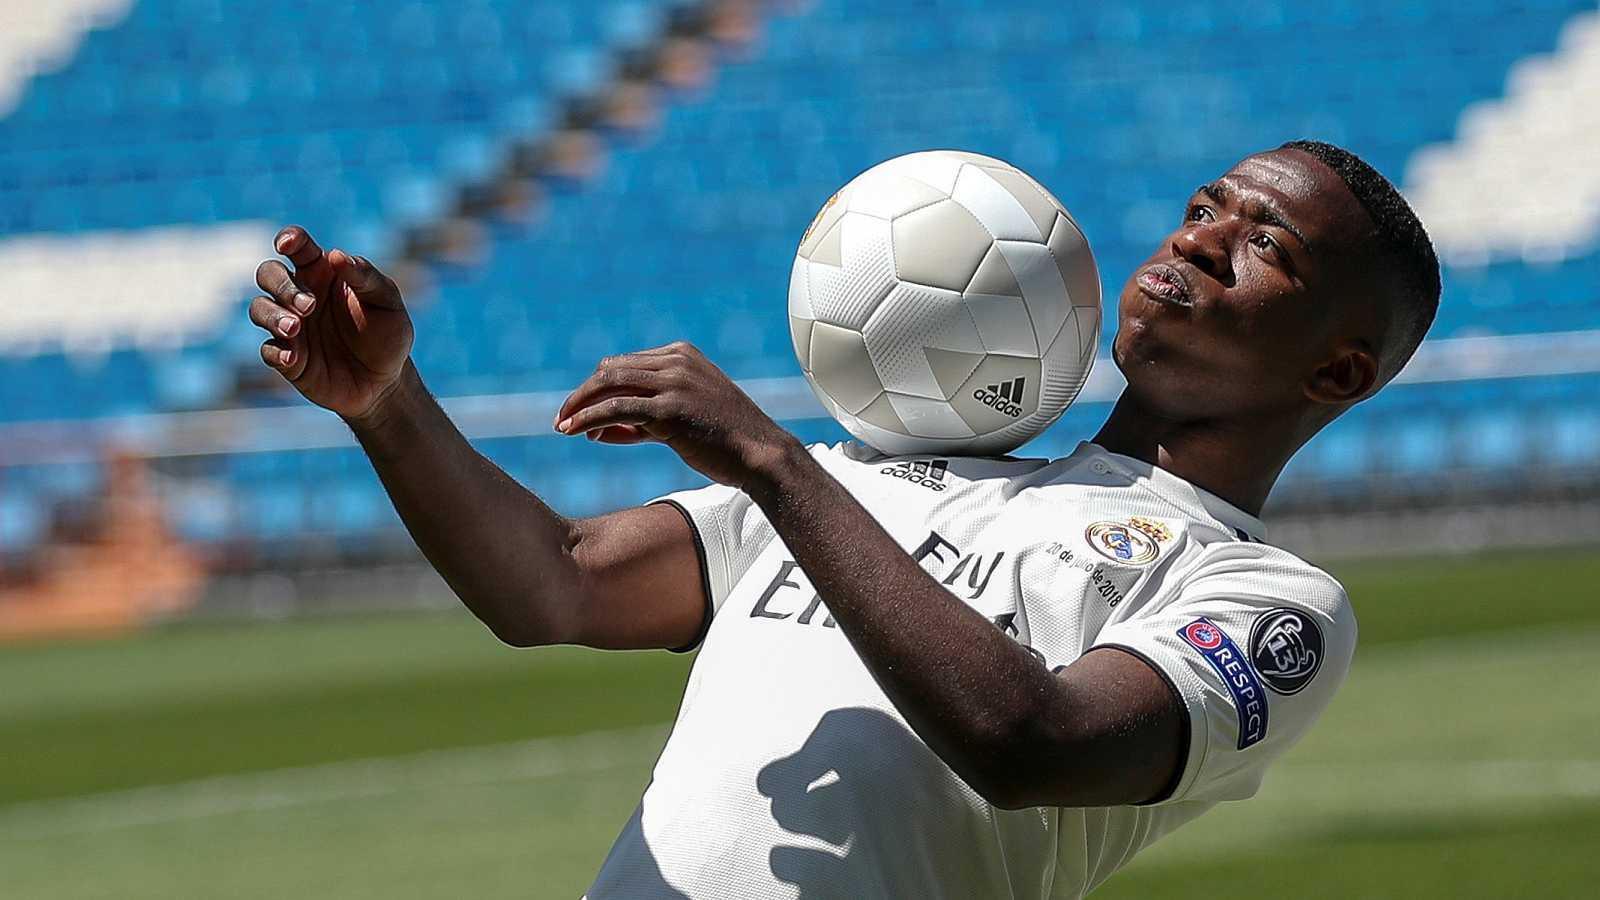 El brasileño Vinicius Jr. ha sido presentado como nuevo jugador del Real Madrid en el Santiago Bernabéu. Mientras, el Atlético de Madrid hacia lo propio con Rodri, el centrocampista que llega del Villarreal.